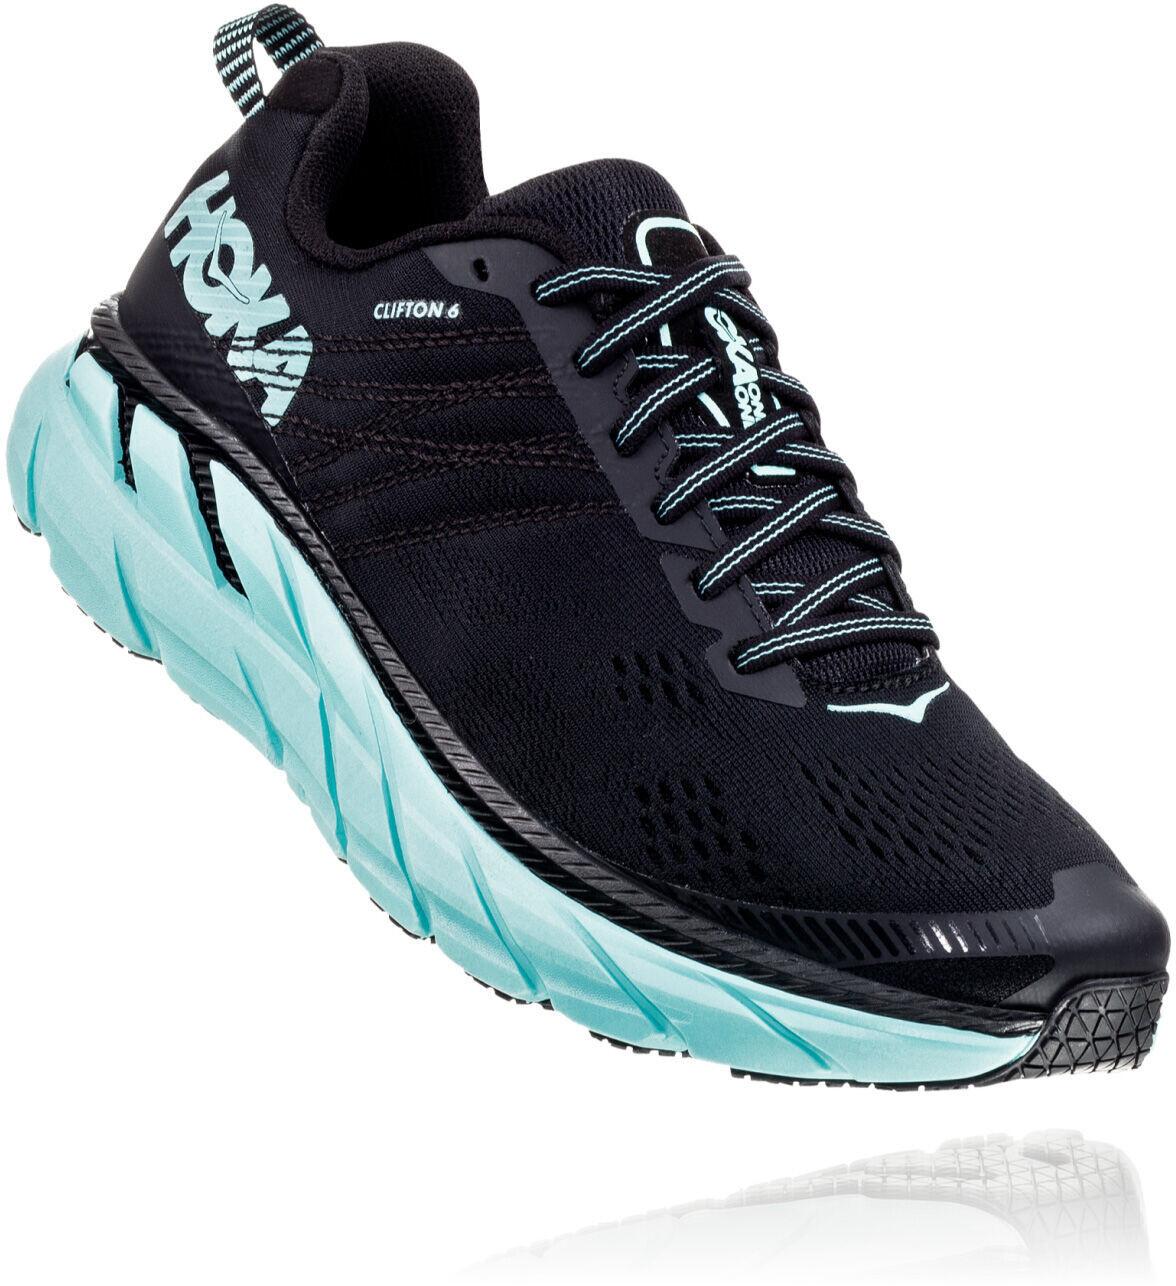 Hoka One One Clifton 6 Løbesko Damer, black/aqua sky (2019) | Running shoes